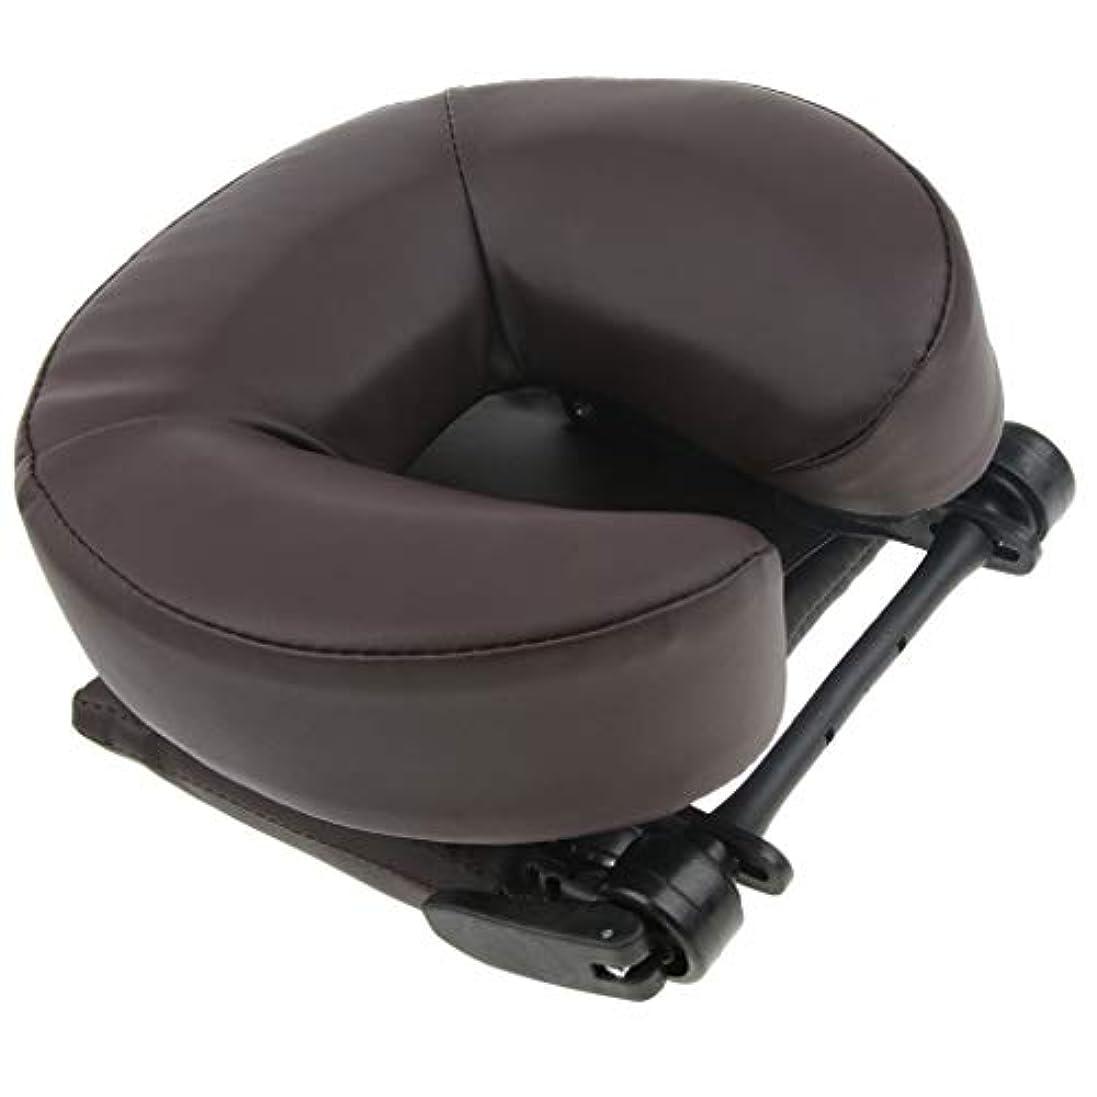 Baoblaze サロン スパ用 顔マクラ マッサージ用クッション 顔枕 首枕 ネックピロー 高密度フォーム 2色選ぶ - コーヒー